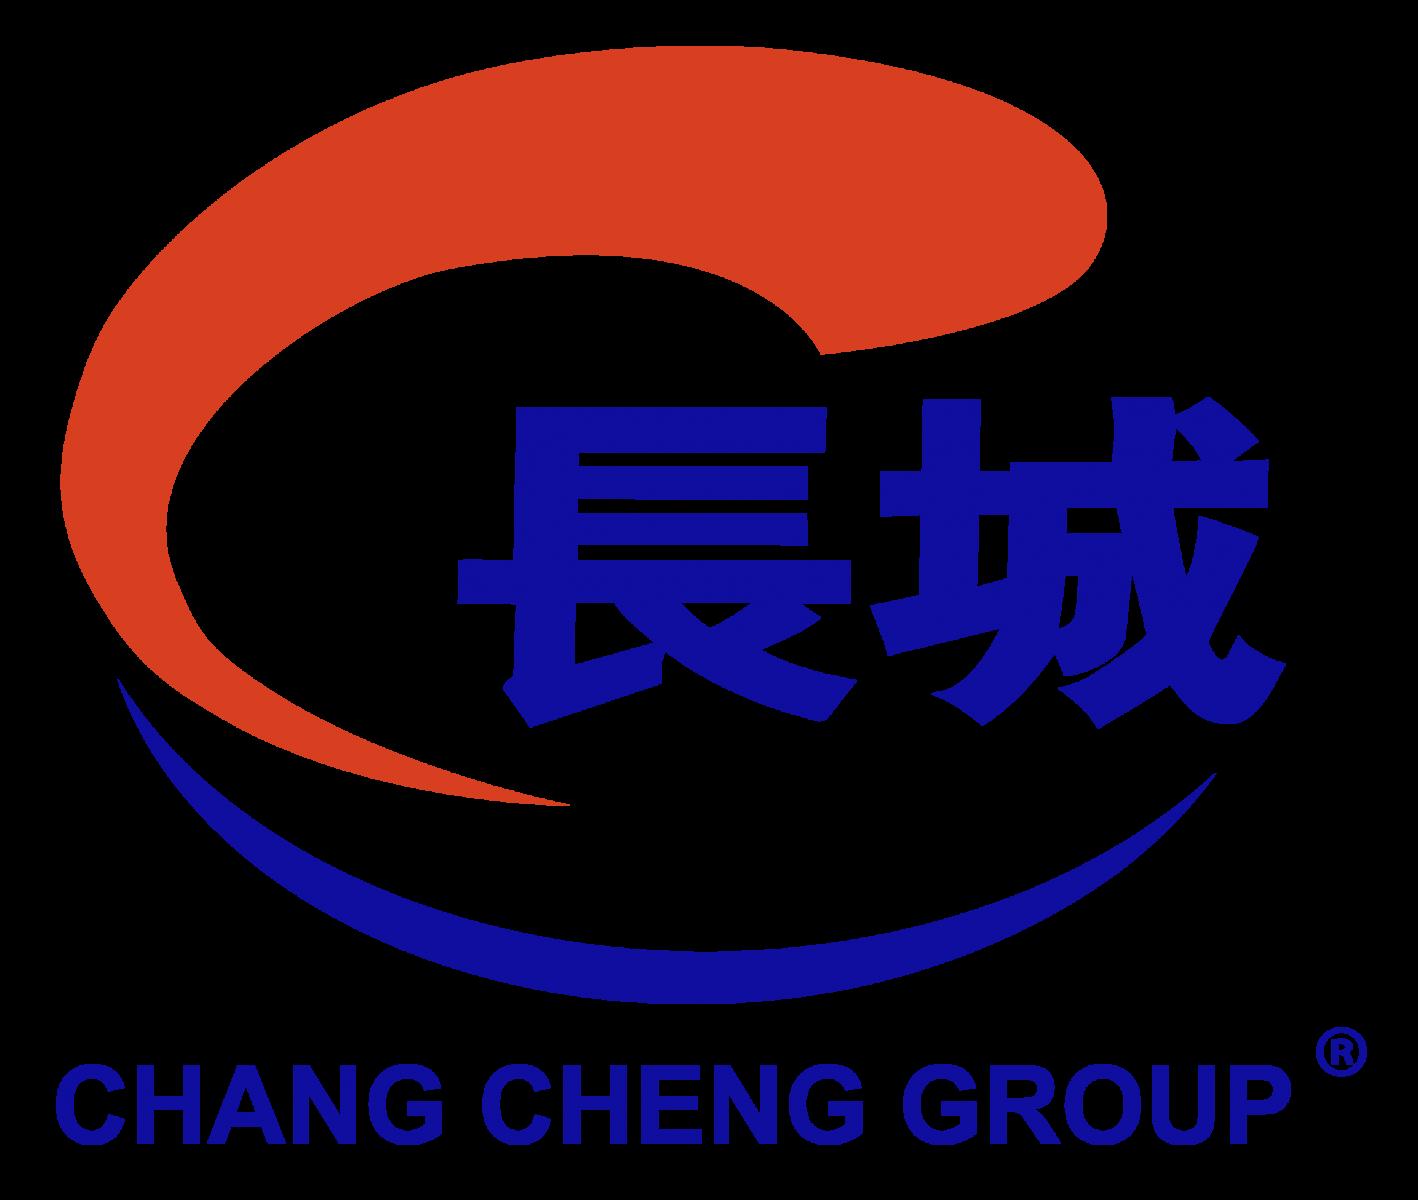 Chang cheng group ipo